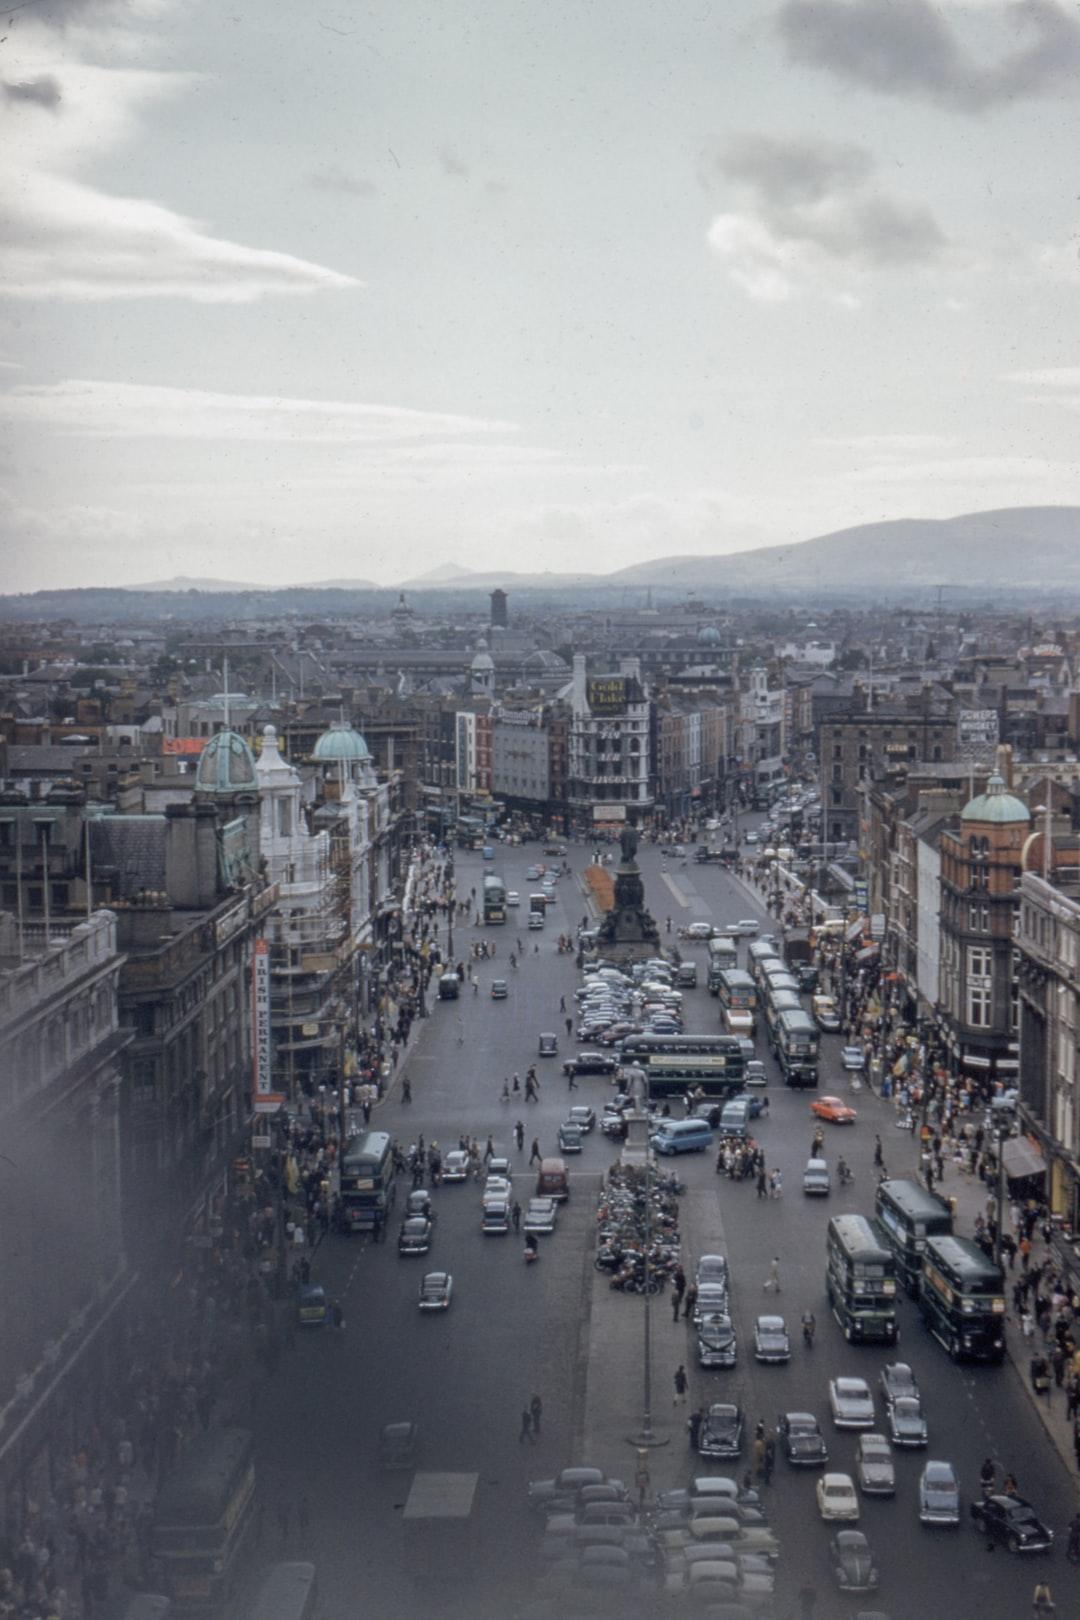 Dublin vintage city view